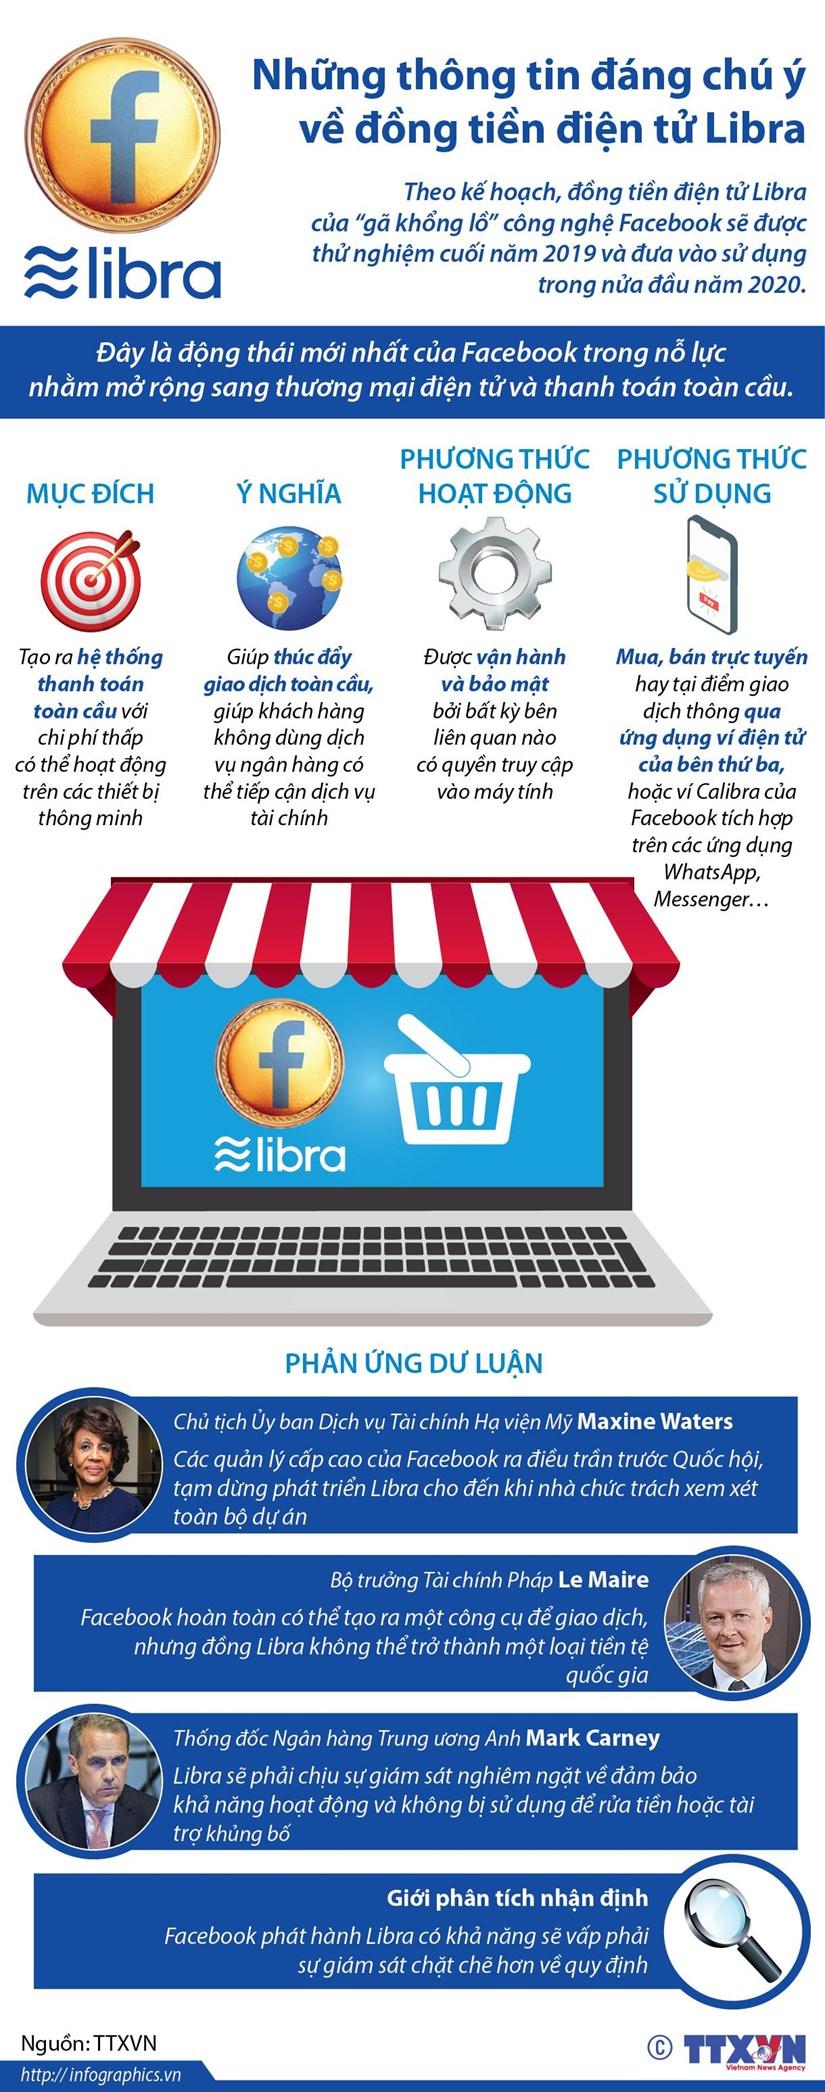 [Infographics] Những thông tin đáng chú ý về đồng tiền điện tử Libra